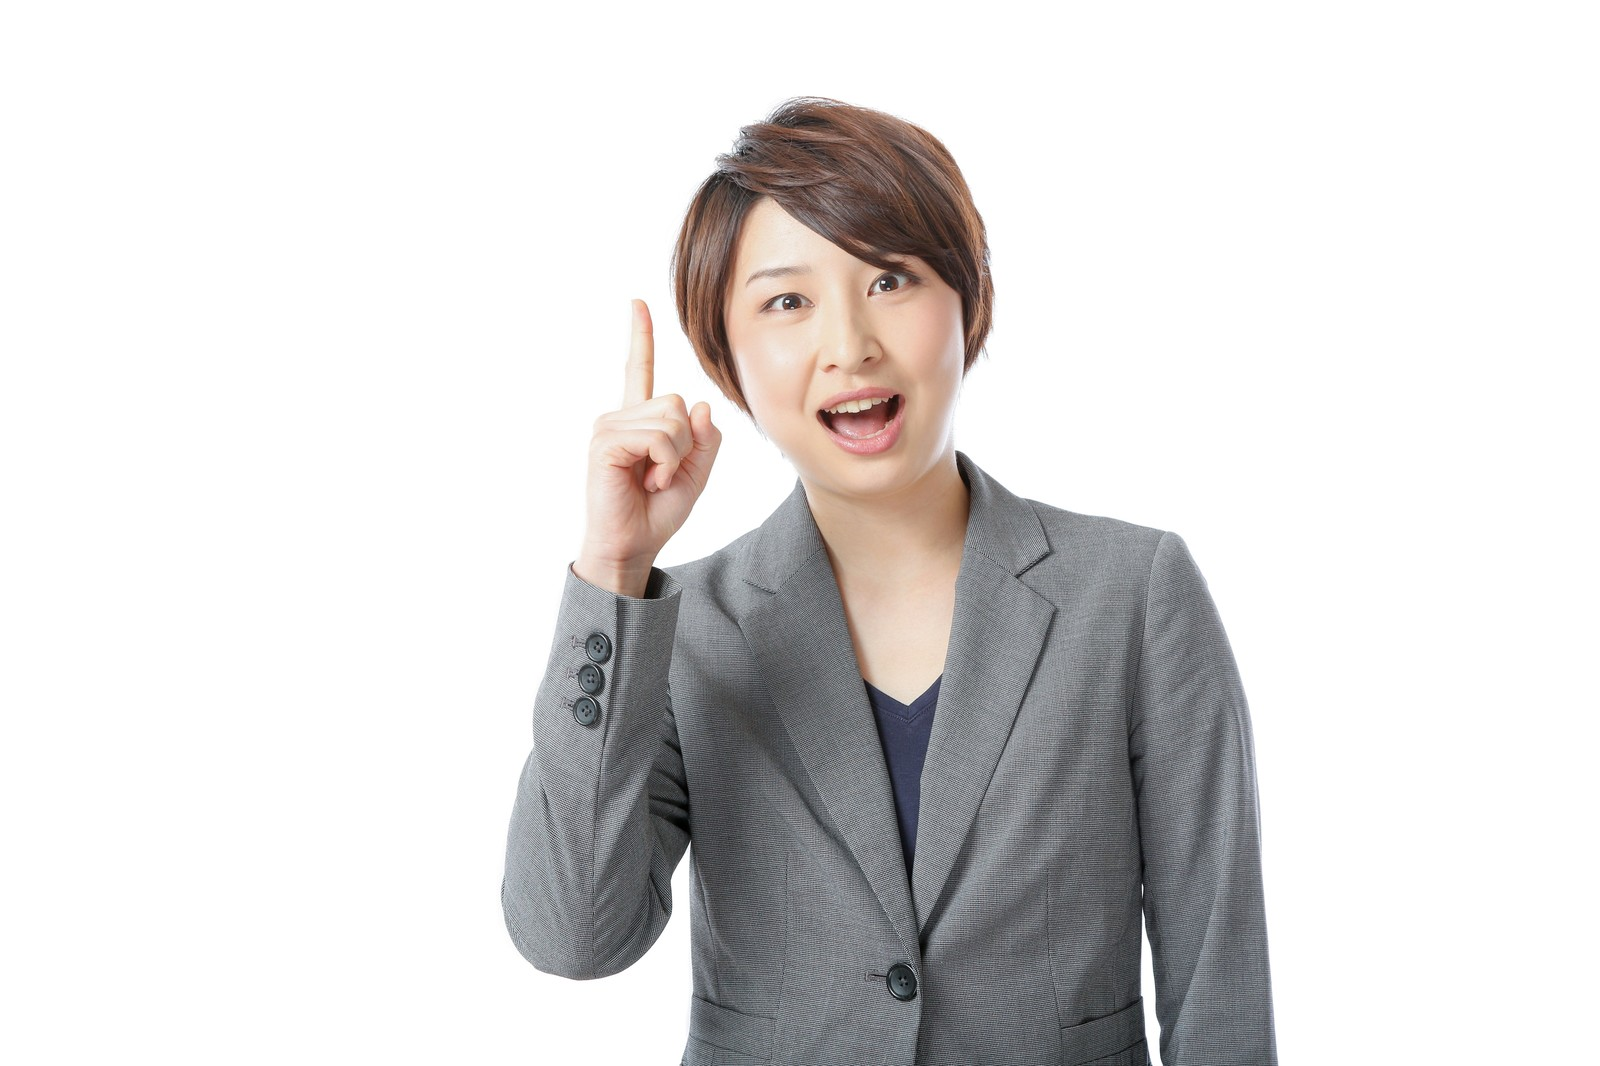 転職エージェントとは?転職サイトとの違いや選び方、比較のポイント、利用のメリット